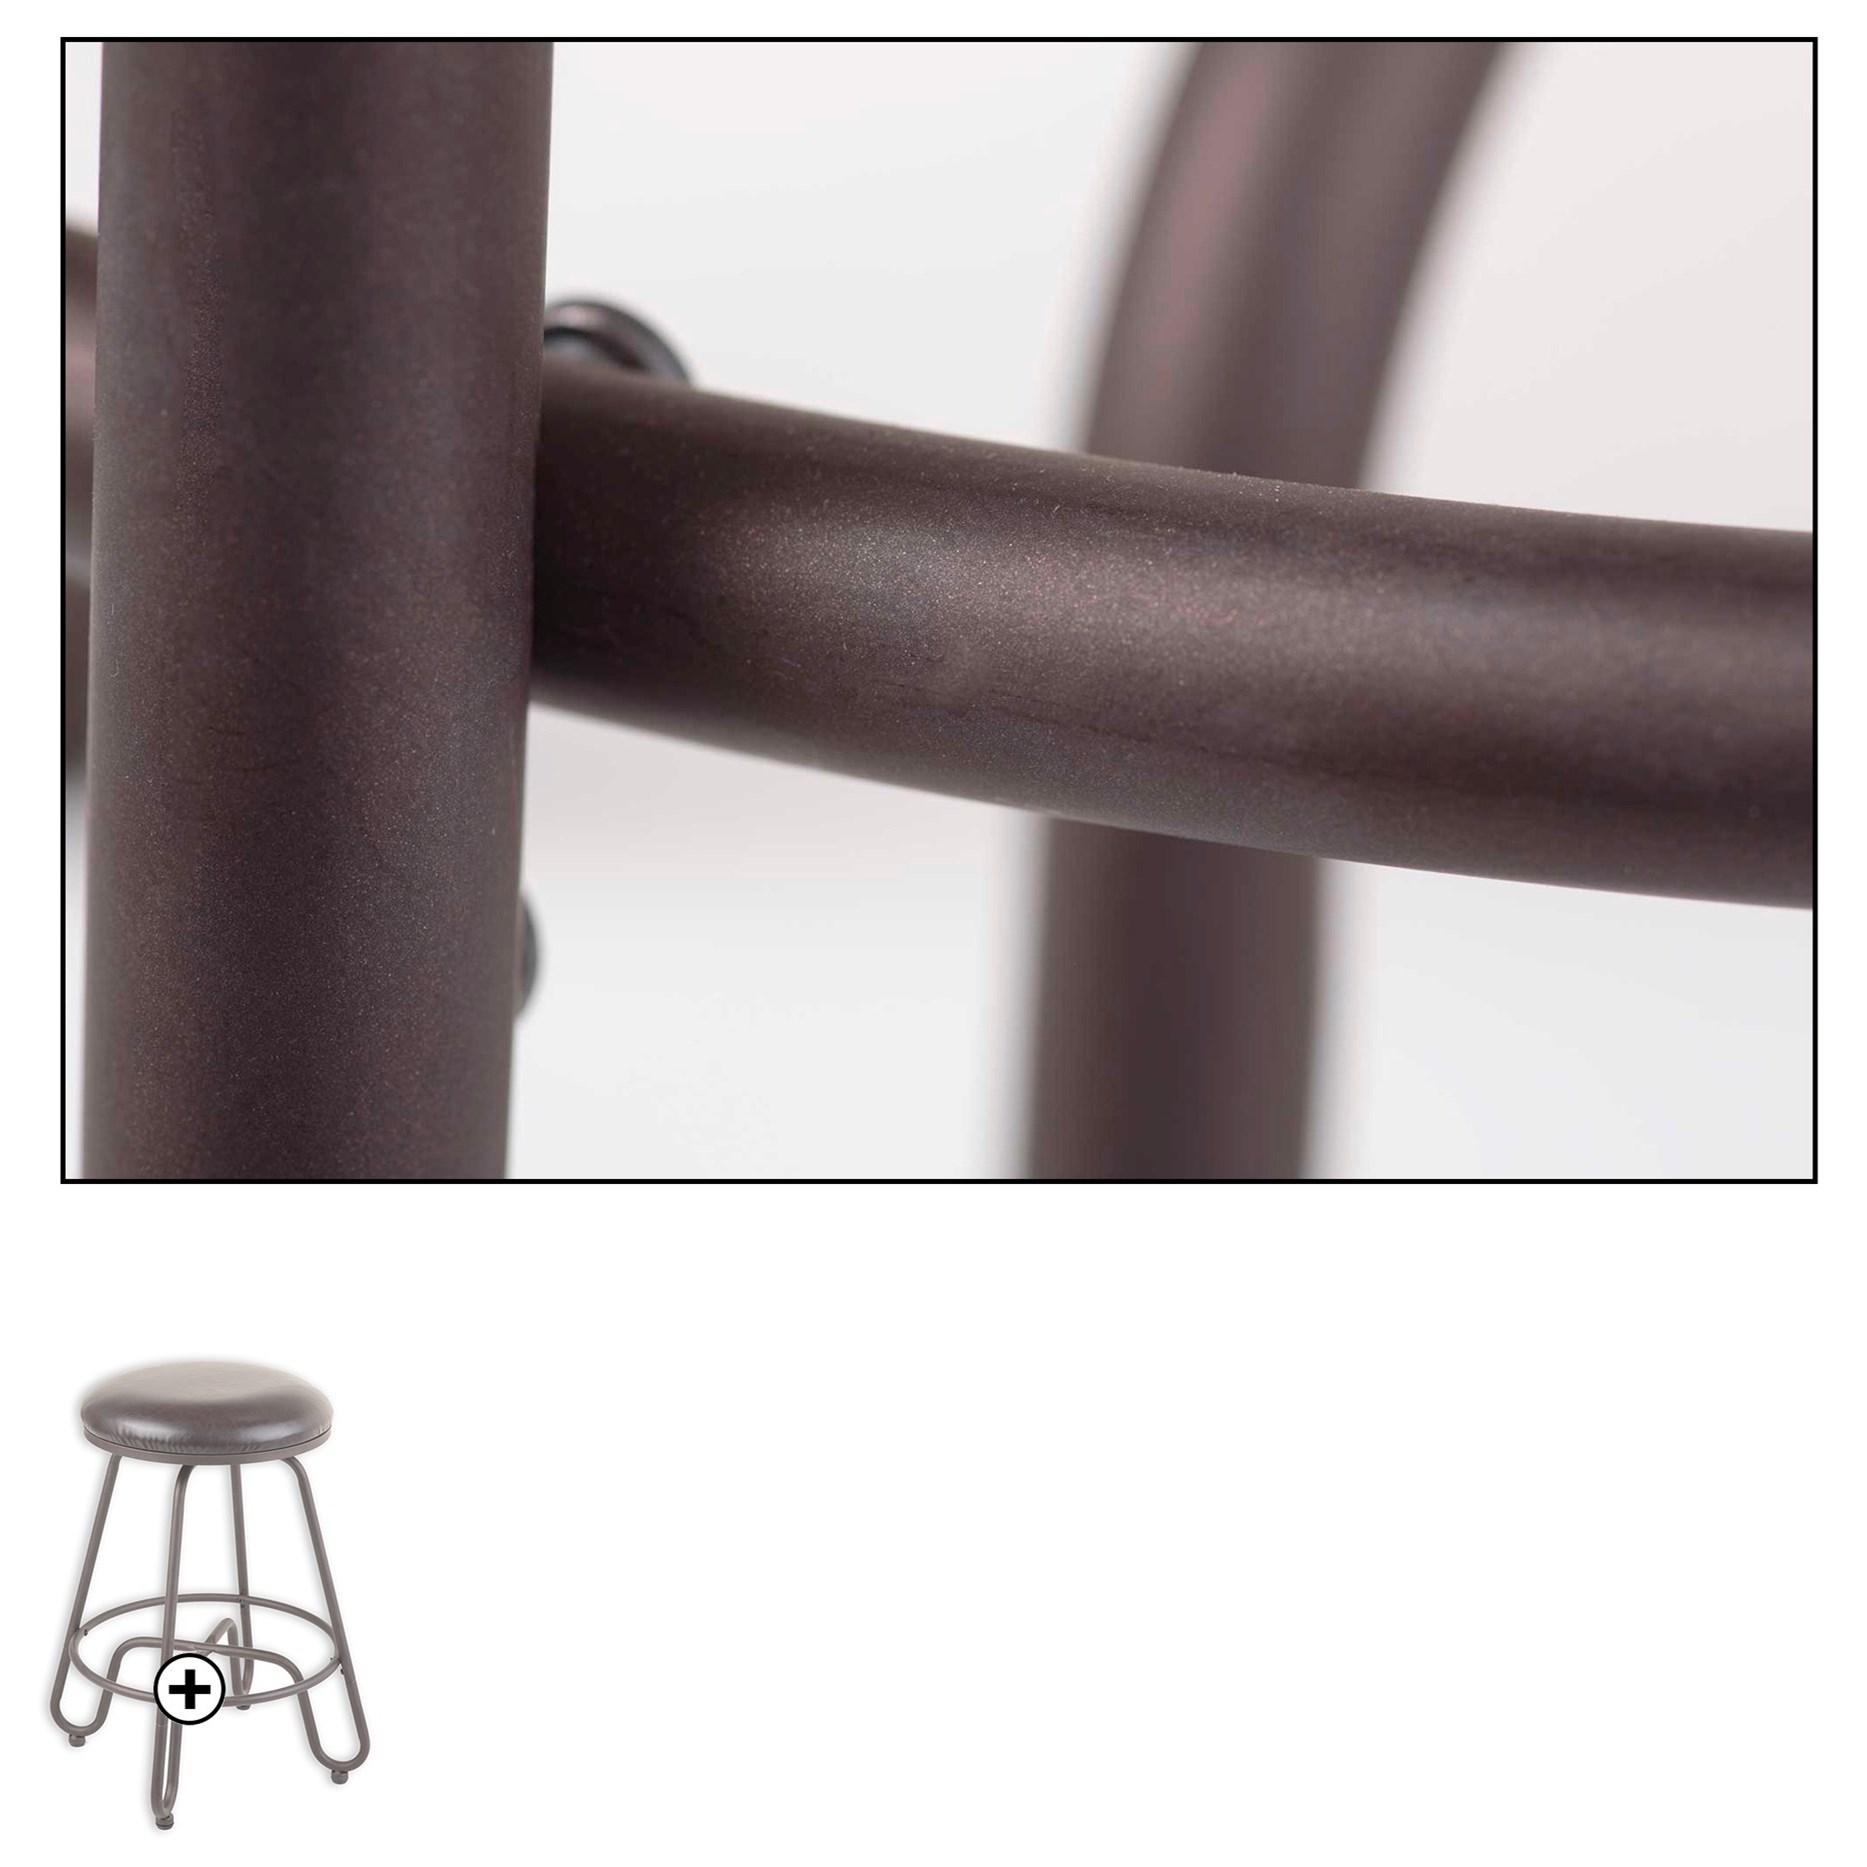 Fashion bed group metal barstools transitional denver metal barstool mueller furniture bar - Barstools denver ...